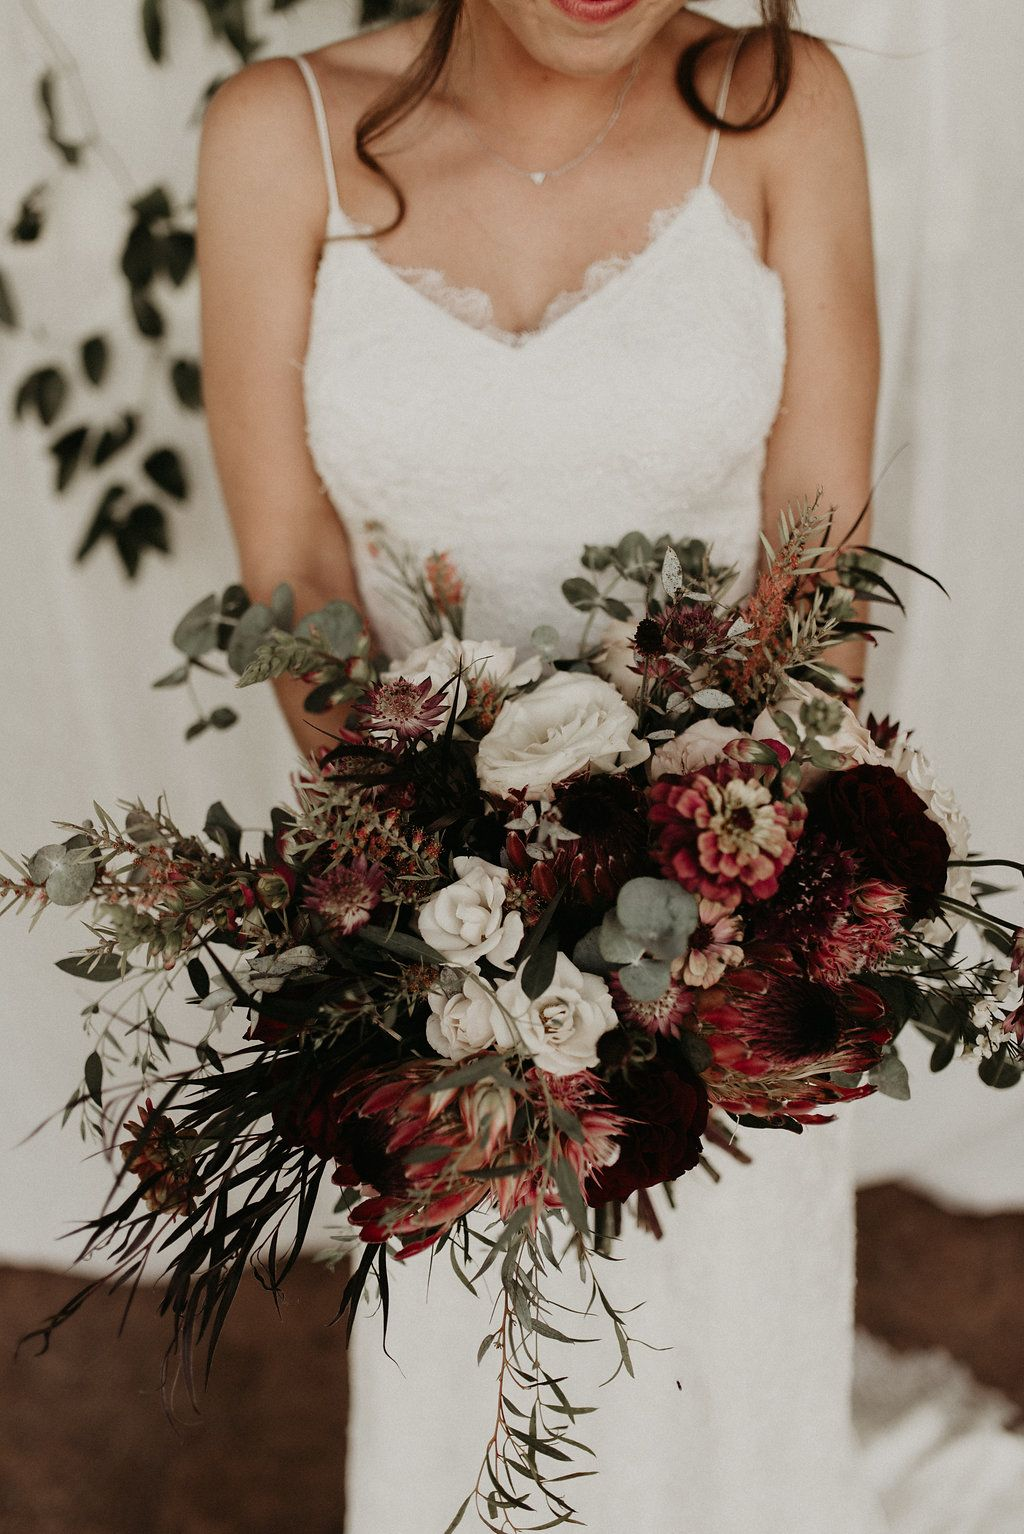 Moody Bridal Bouquet Bridal Bouquet Fall Moody Wedding Flowers Affordable Wedding Flowers